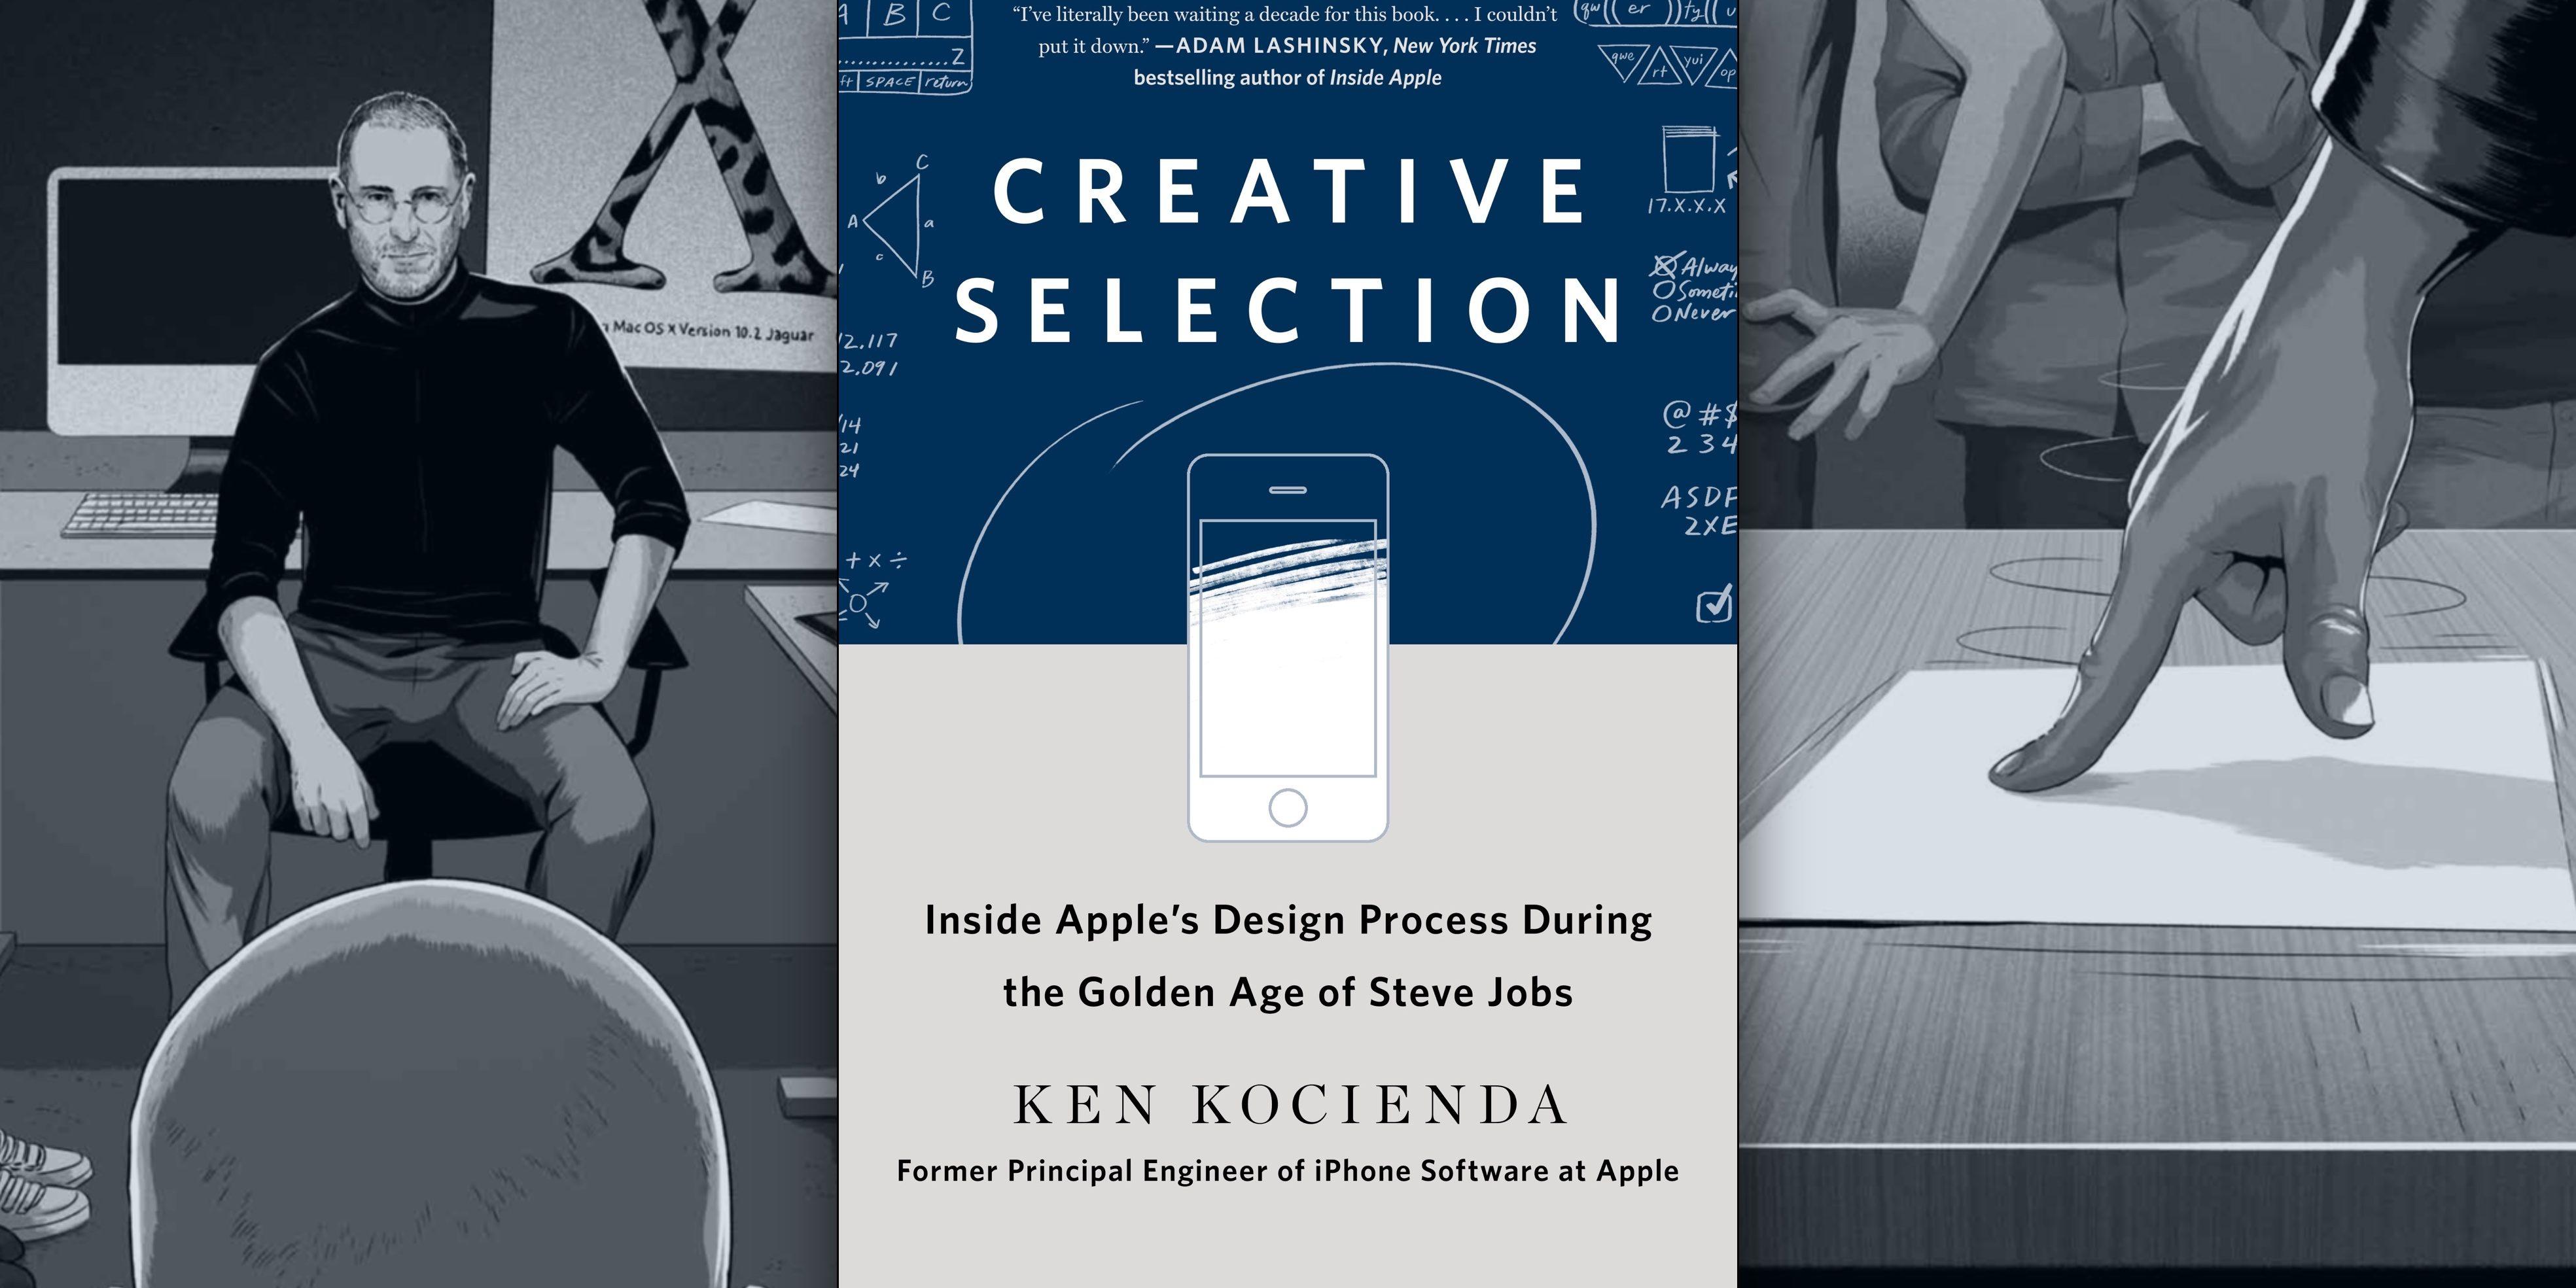 creative-selection-steve-jobs